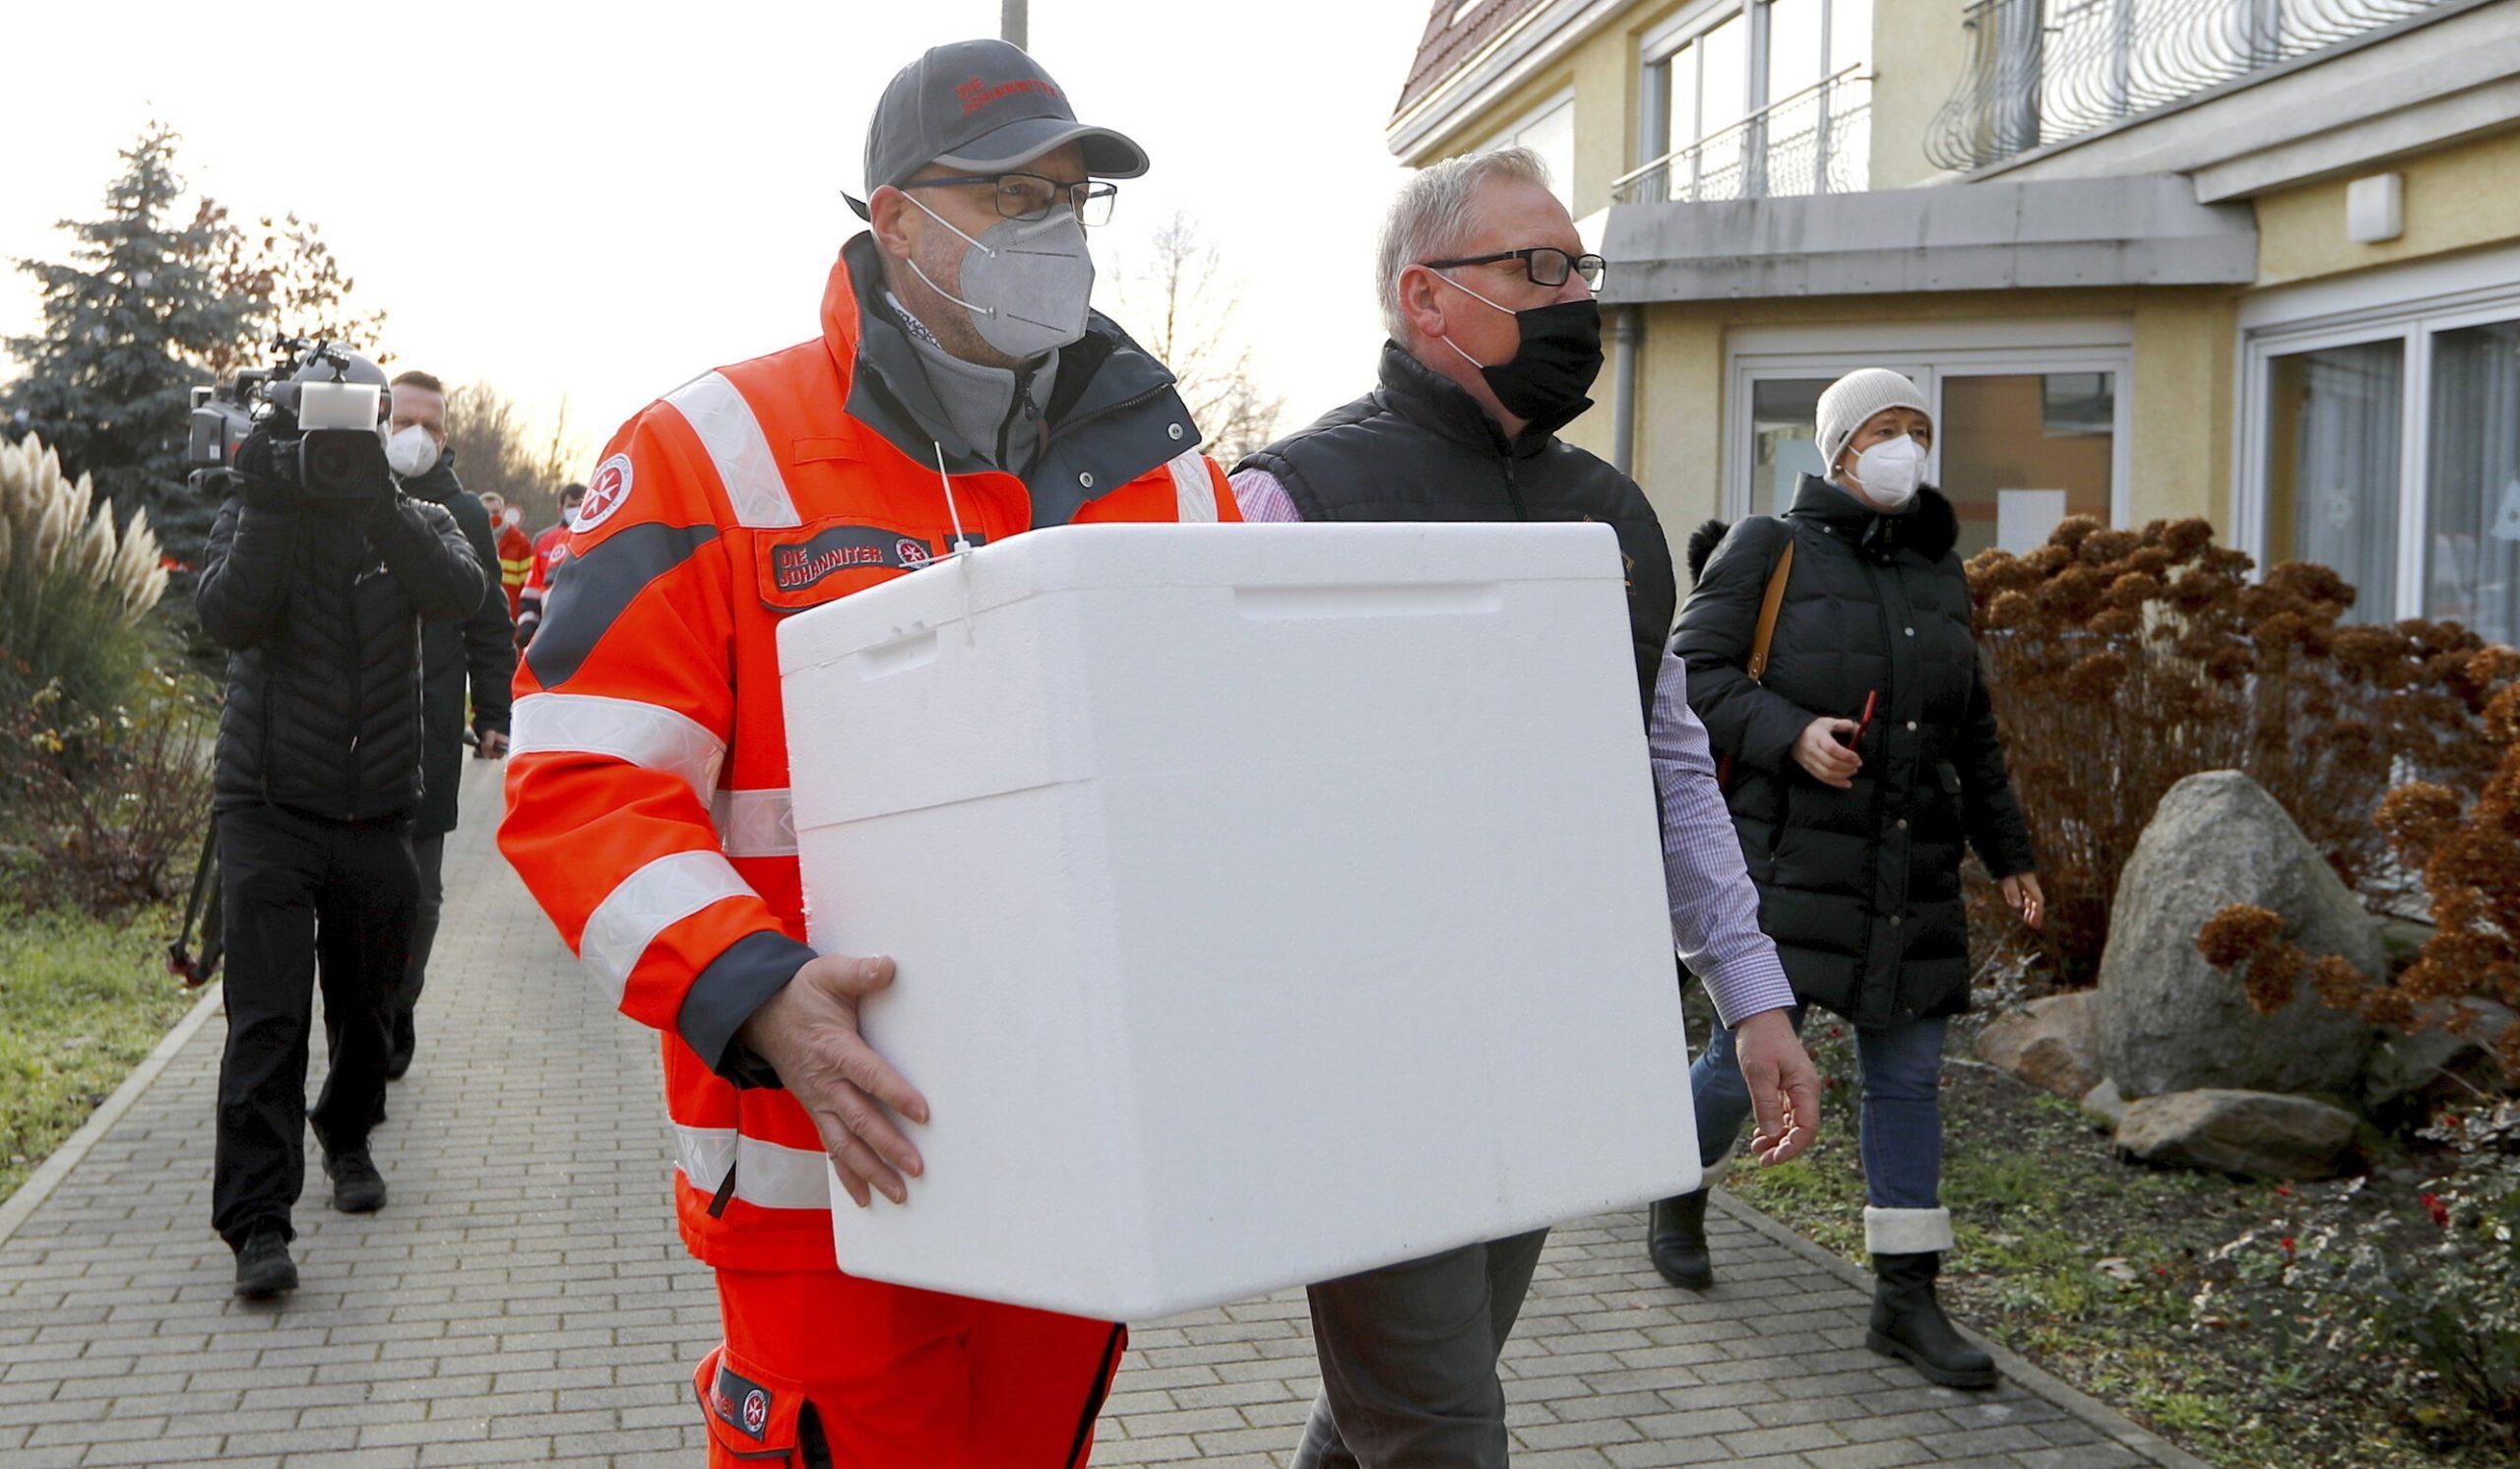 Germania încalcă strategia de vaccinare a UE și cumpără încă 30 de milioane de doze de vaccin